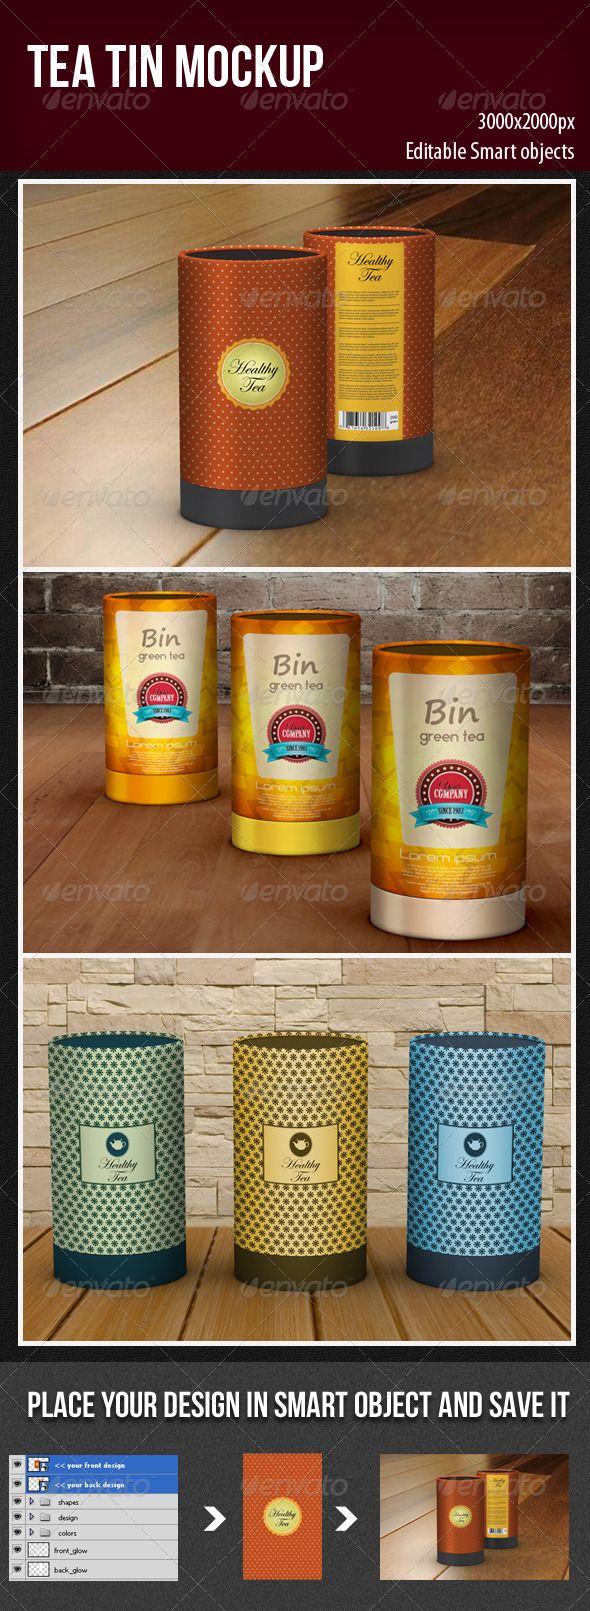 43 best images about mockups on pinterest packaging for Food bar mockup